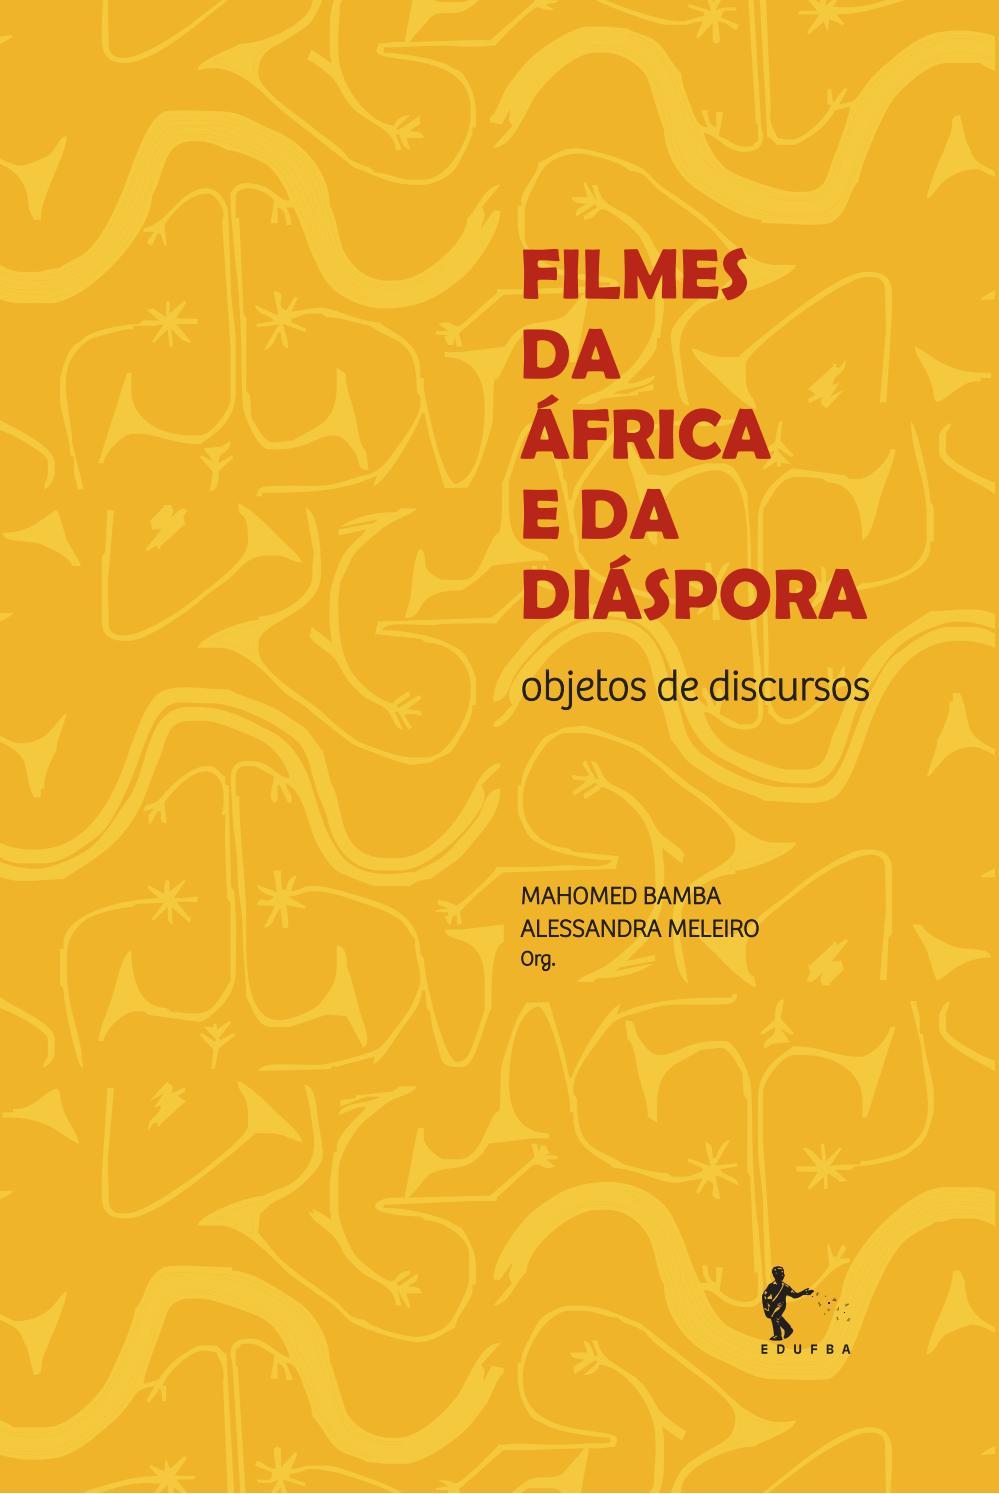 Filmes da africa e da diaspora by HistóriaTec - issuu 41147bf732